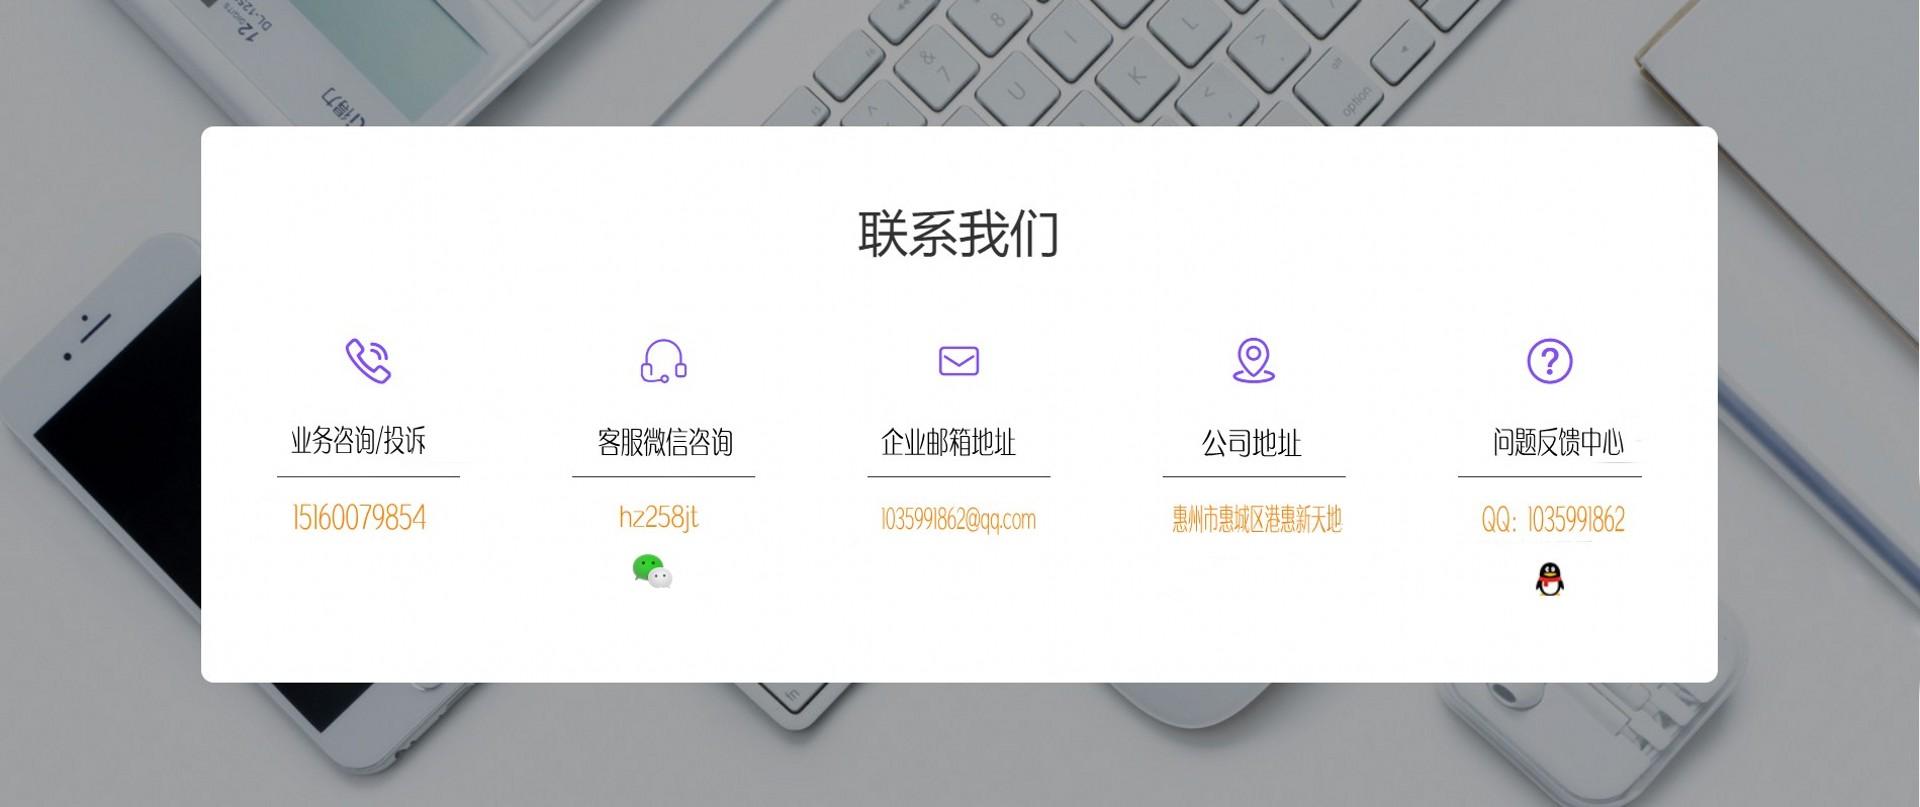 惠州網絡推廣網絡公司小程序網站建設聯系方式